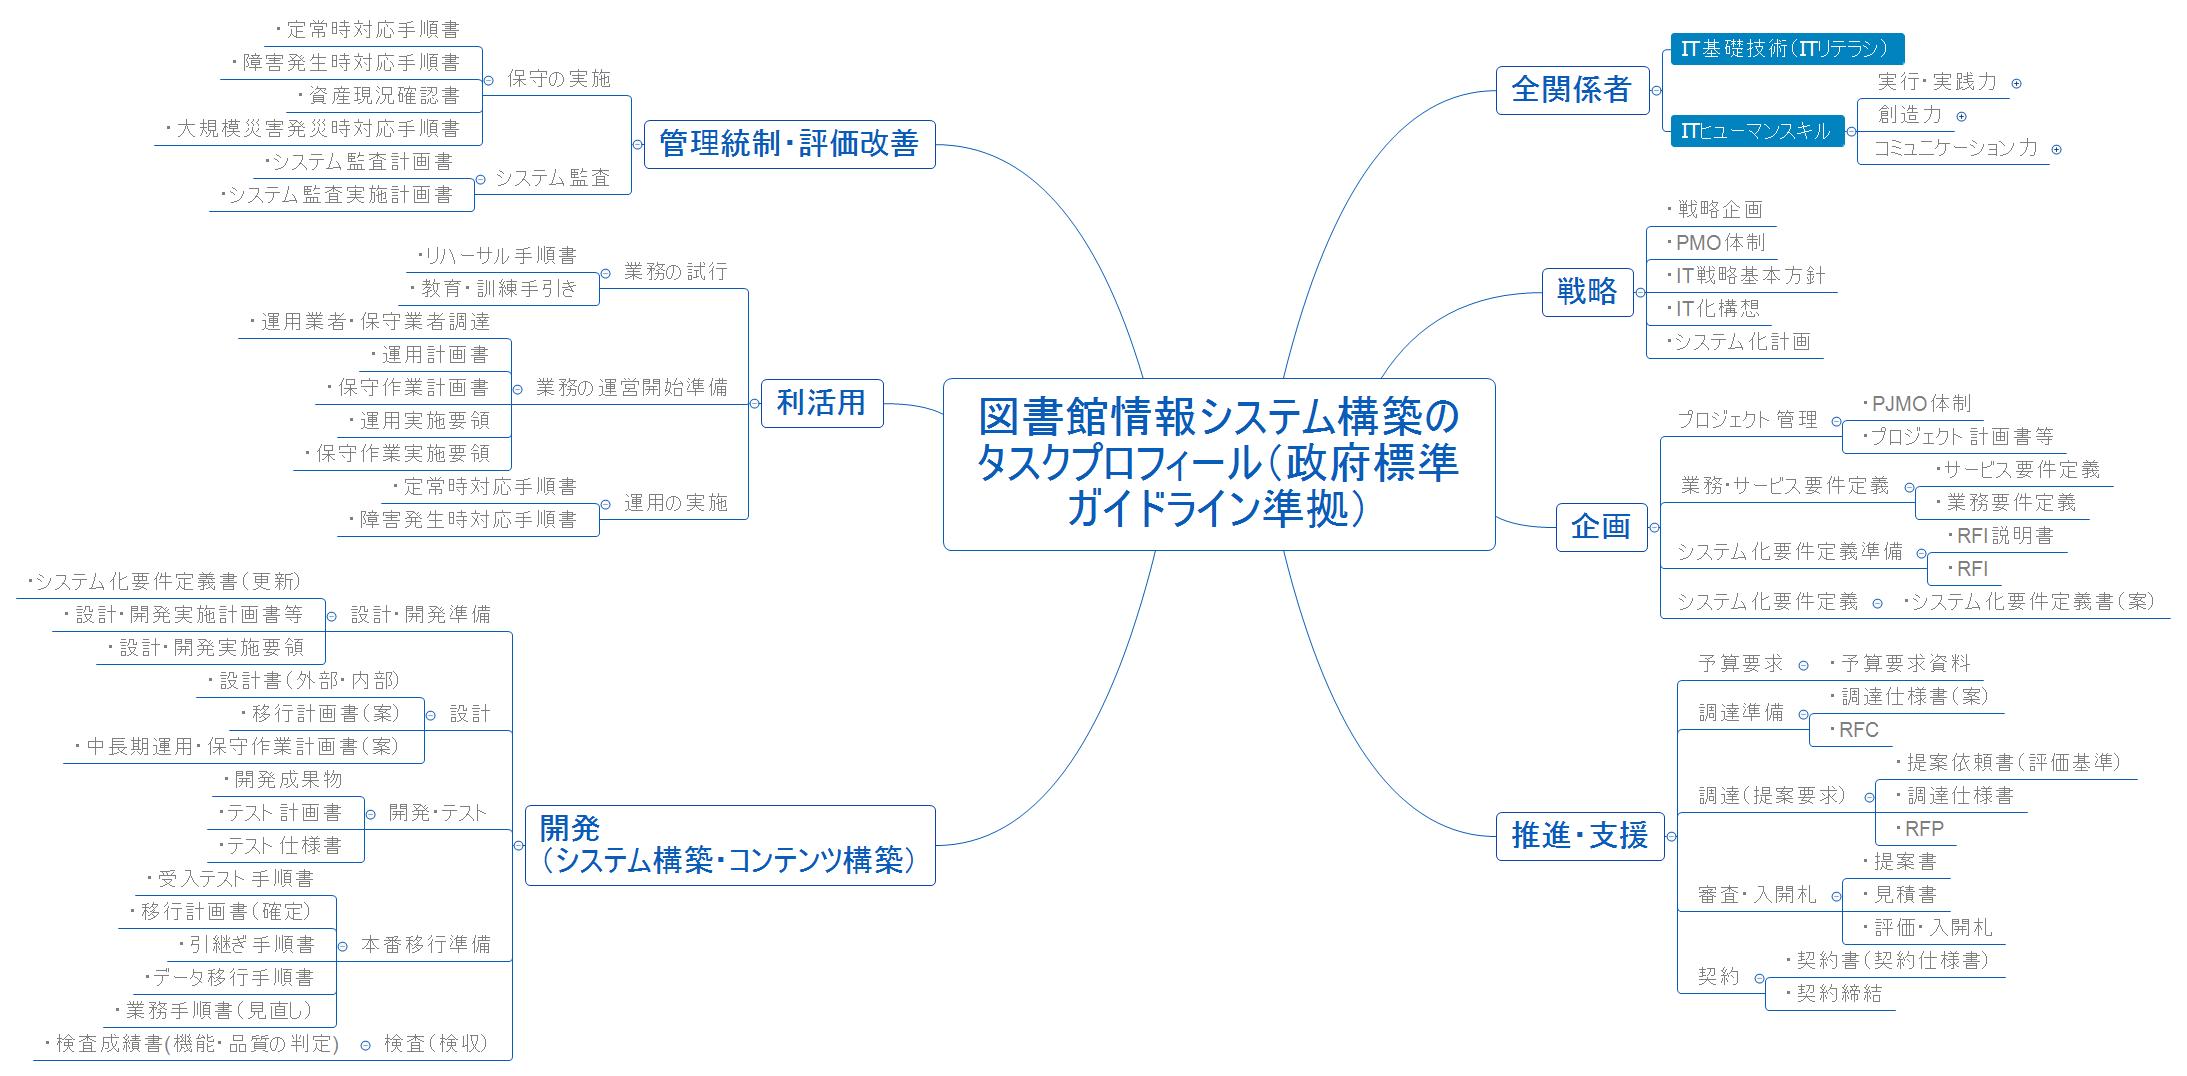 図書館情報システム構築のタスクプロフィール(政府標準ガイドライン準拠)